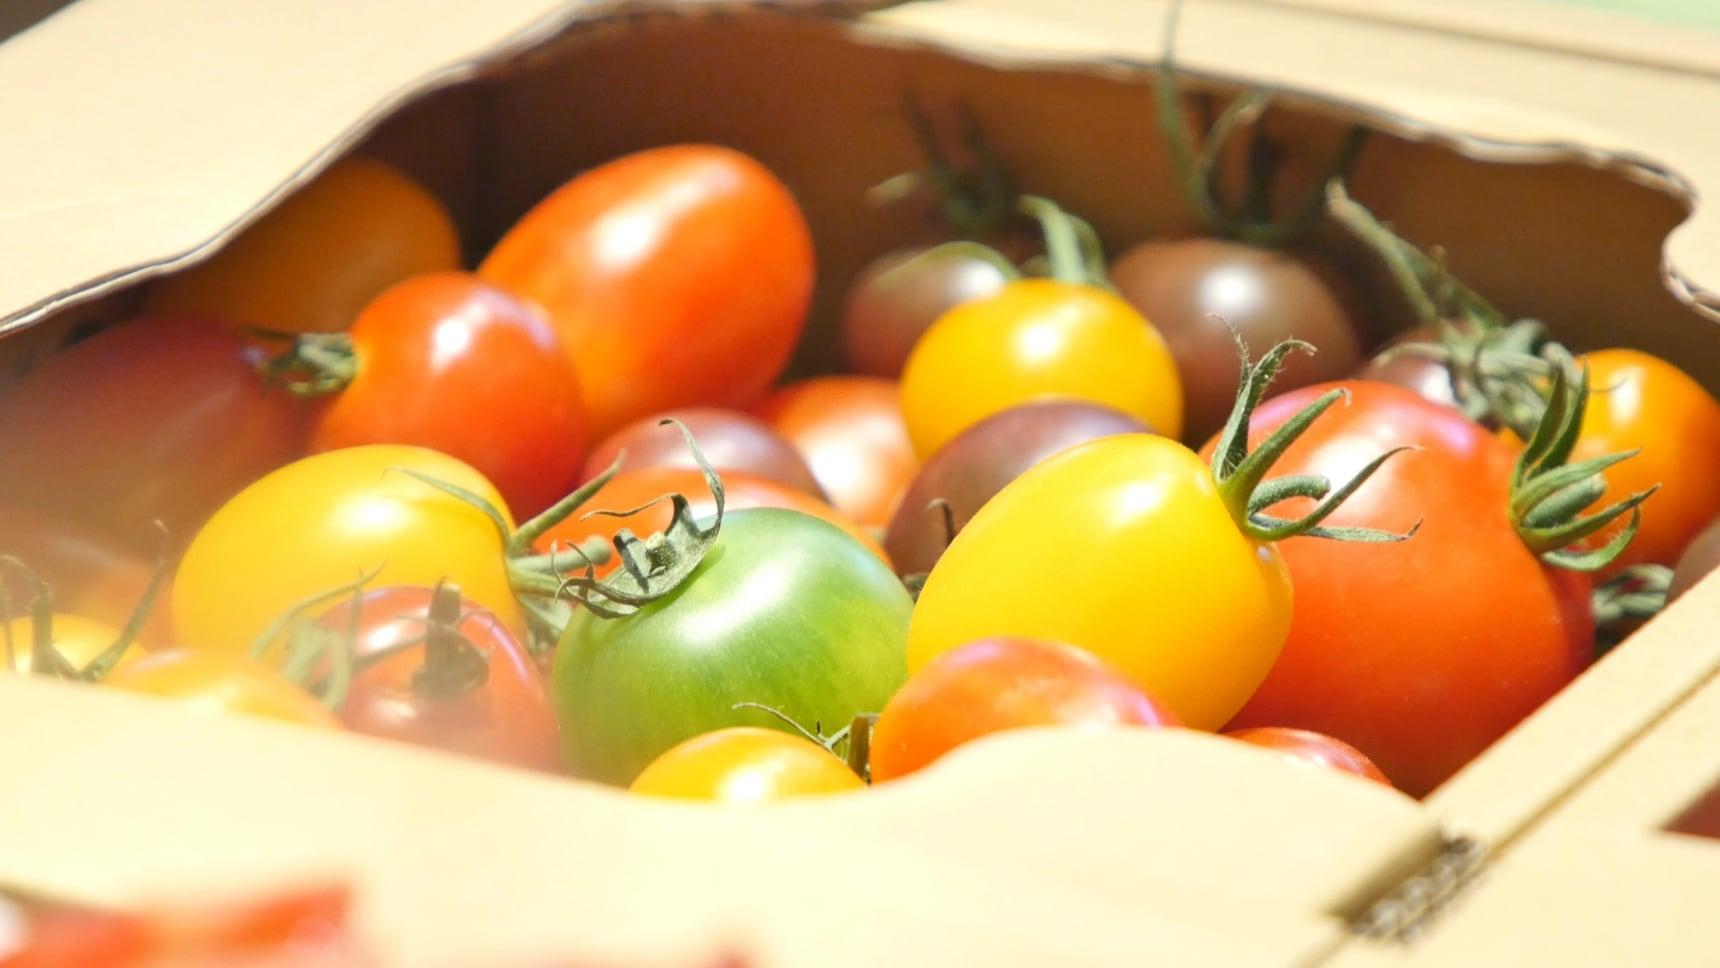 เที่ยวชิมผลไม้และขุดฟอสซิลในฟุคุชิมะ!